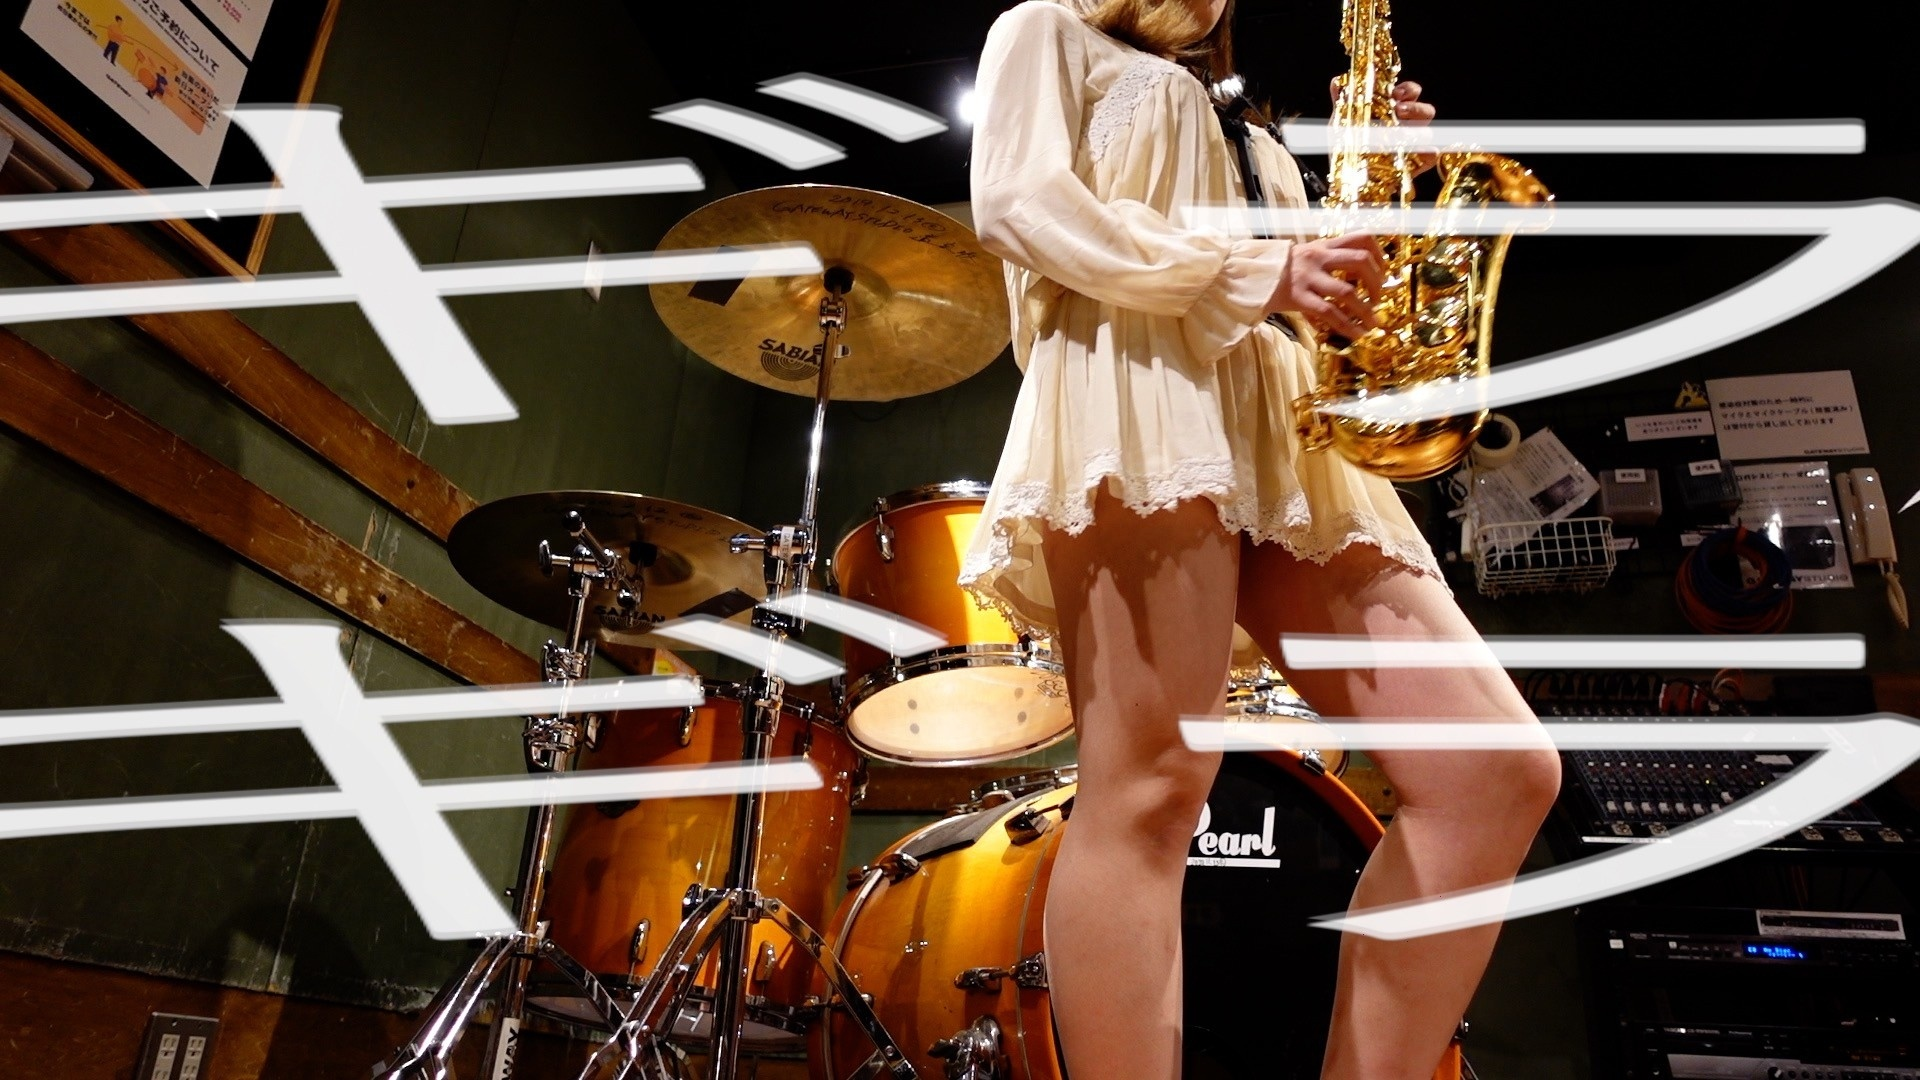 会吹萨克斯風的日本女孩:Ririka/Sax插图8